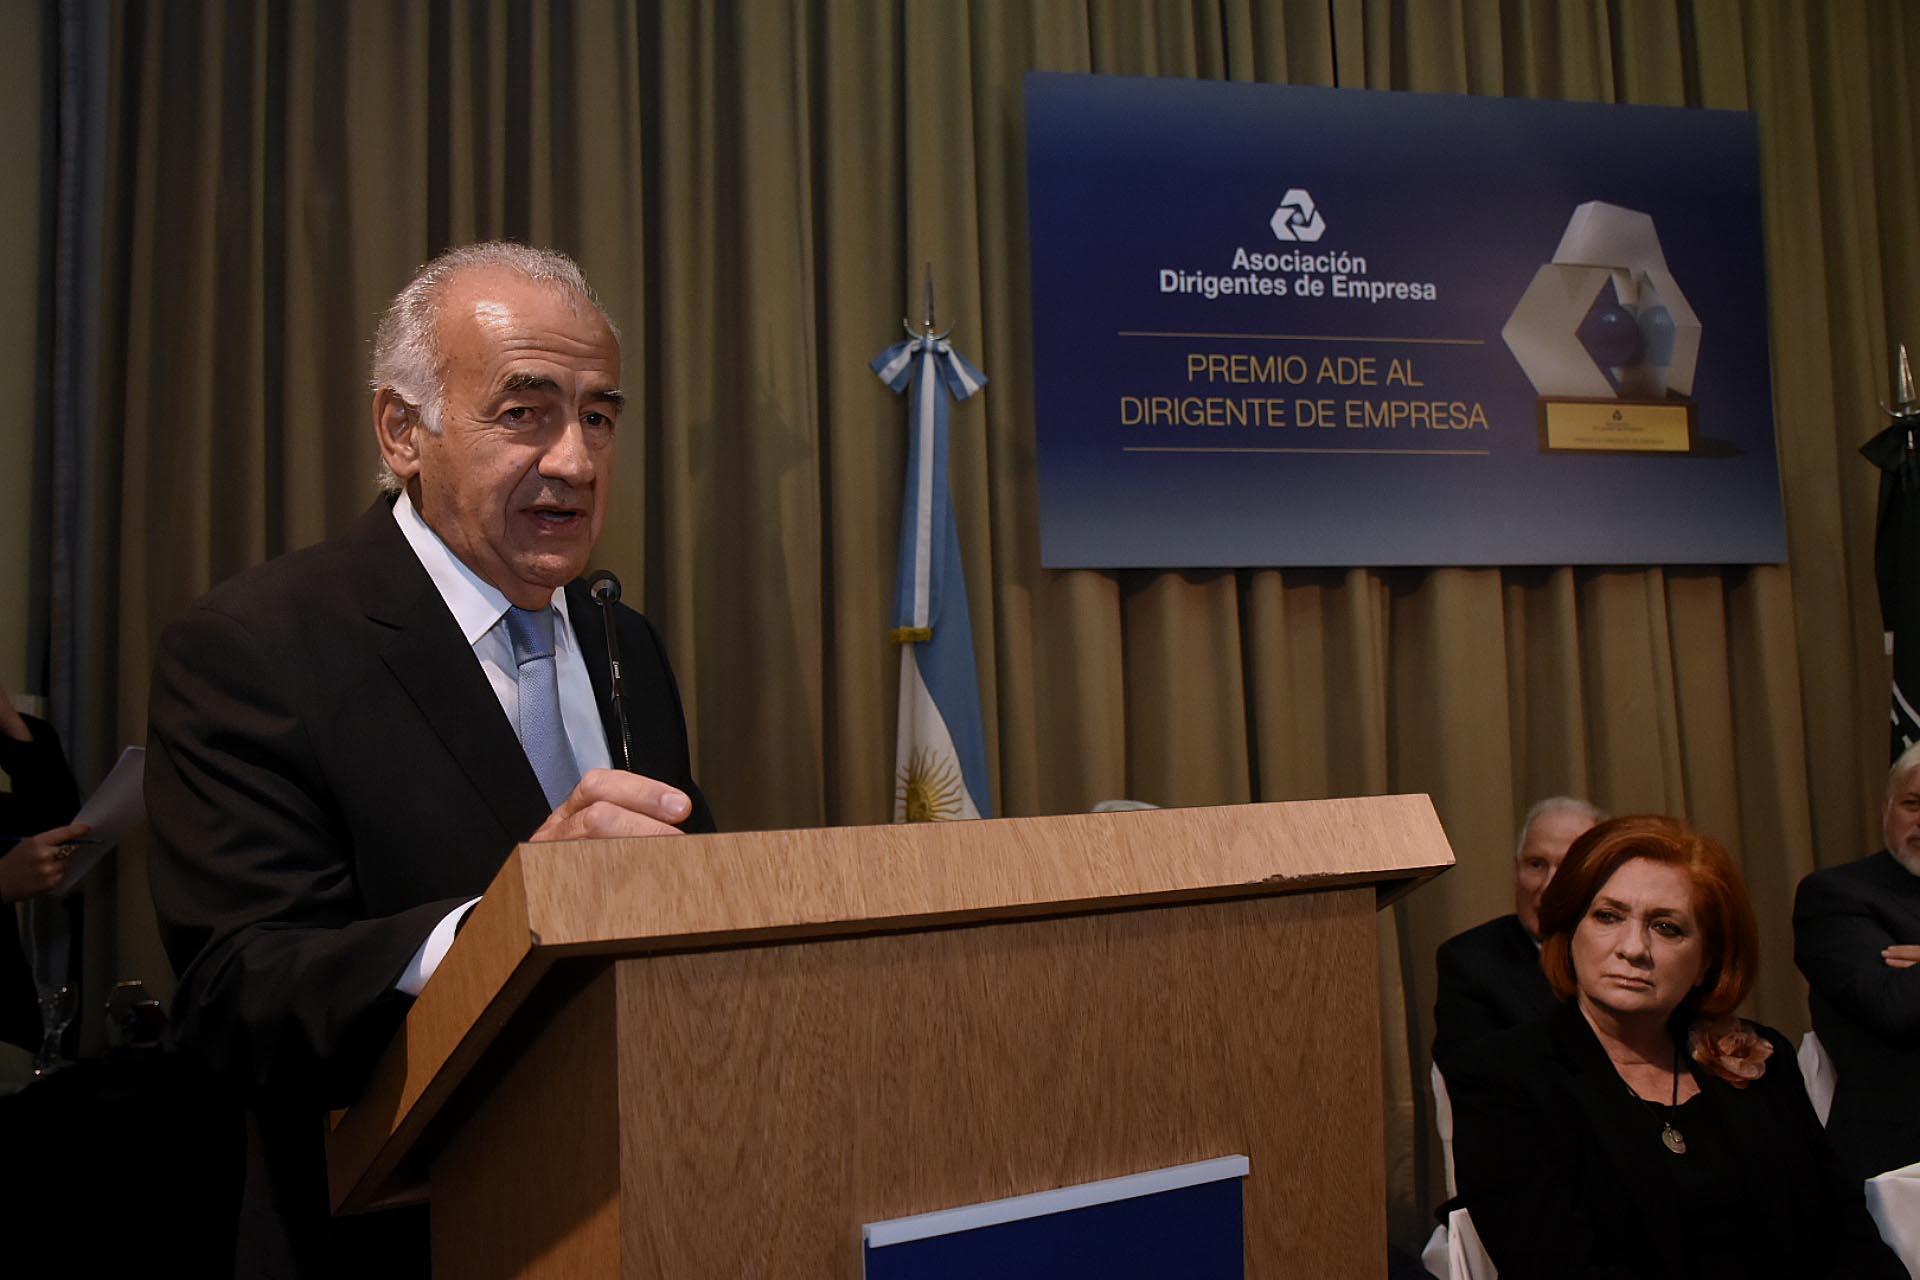 """Antonio Assefh, presidente de la Asociación Dirigentes de Empresa (ADE), durante su discurso en la entrega de premios: """"Que el trabajo de estos dirigentes sirva de ejemplo para otras generaciones"""", resaltó"""